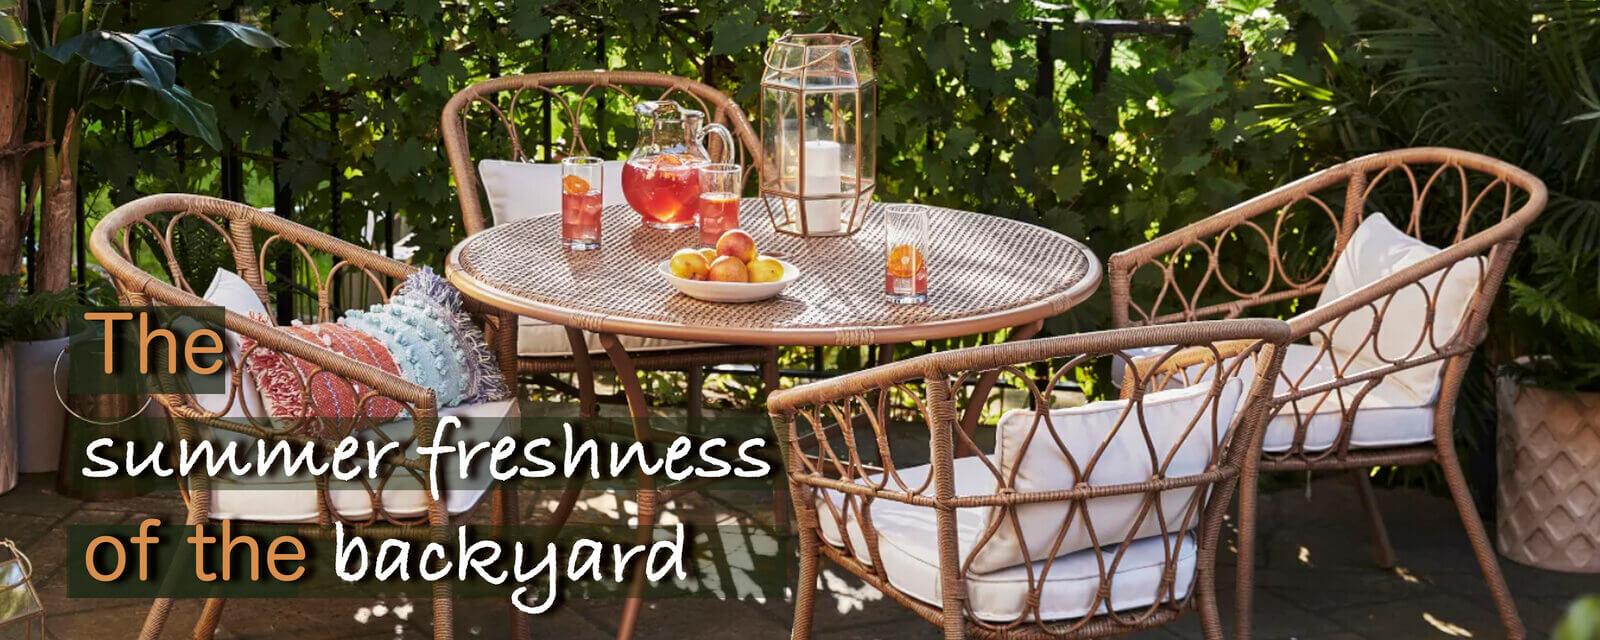 The Summer Freshness Of The Backyard